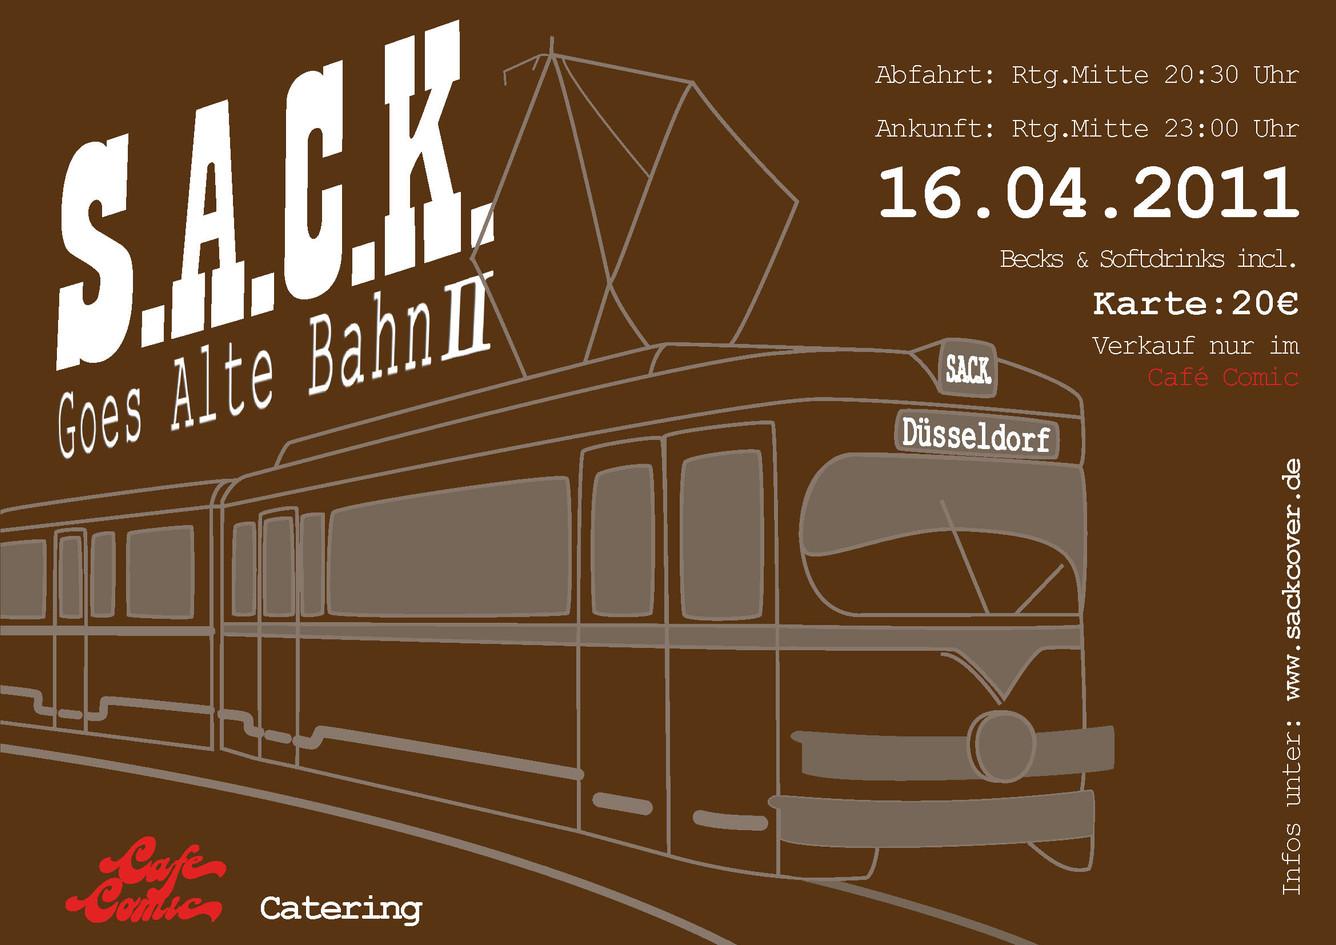 SACK Bahnfahrt Plakat 2011.jpg